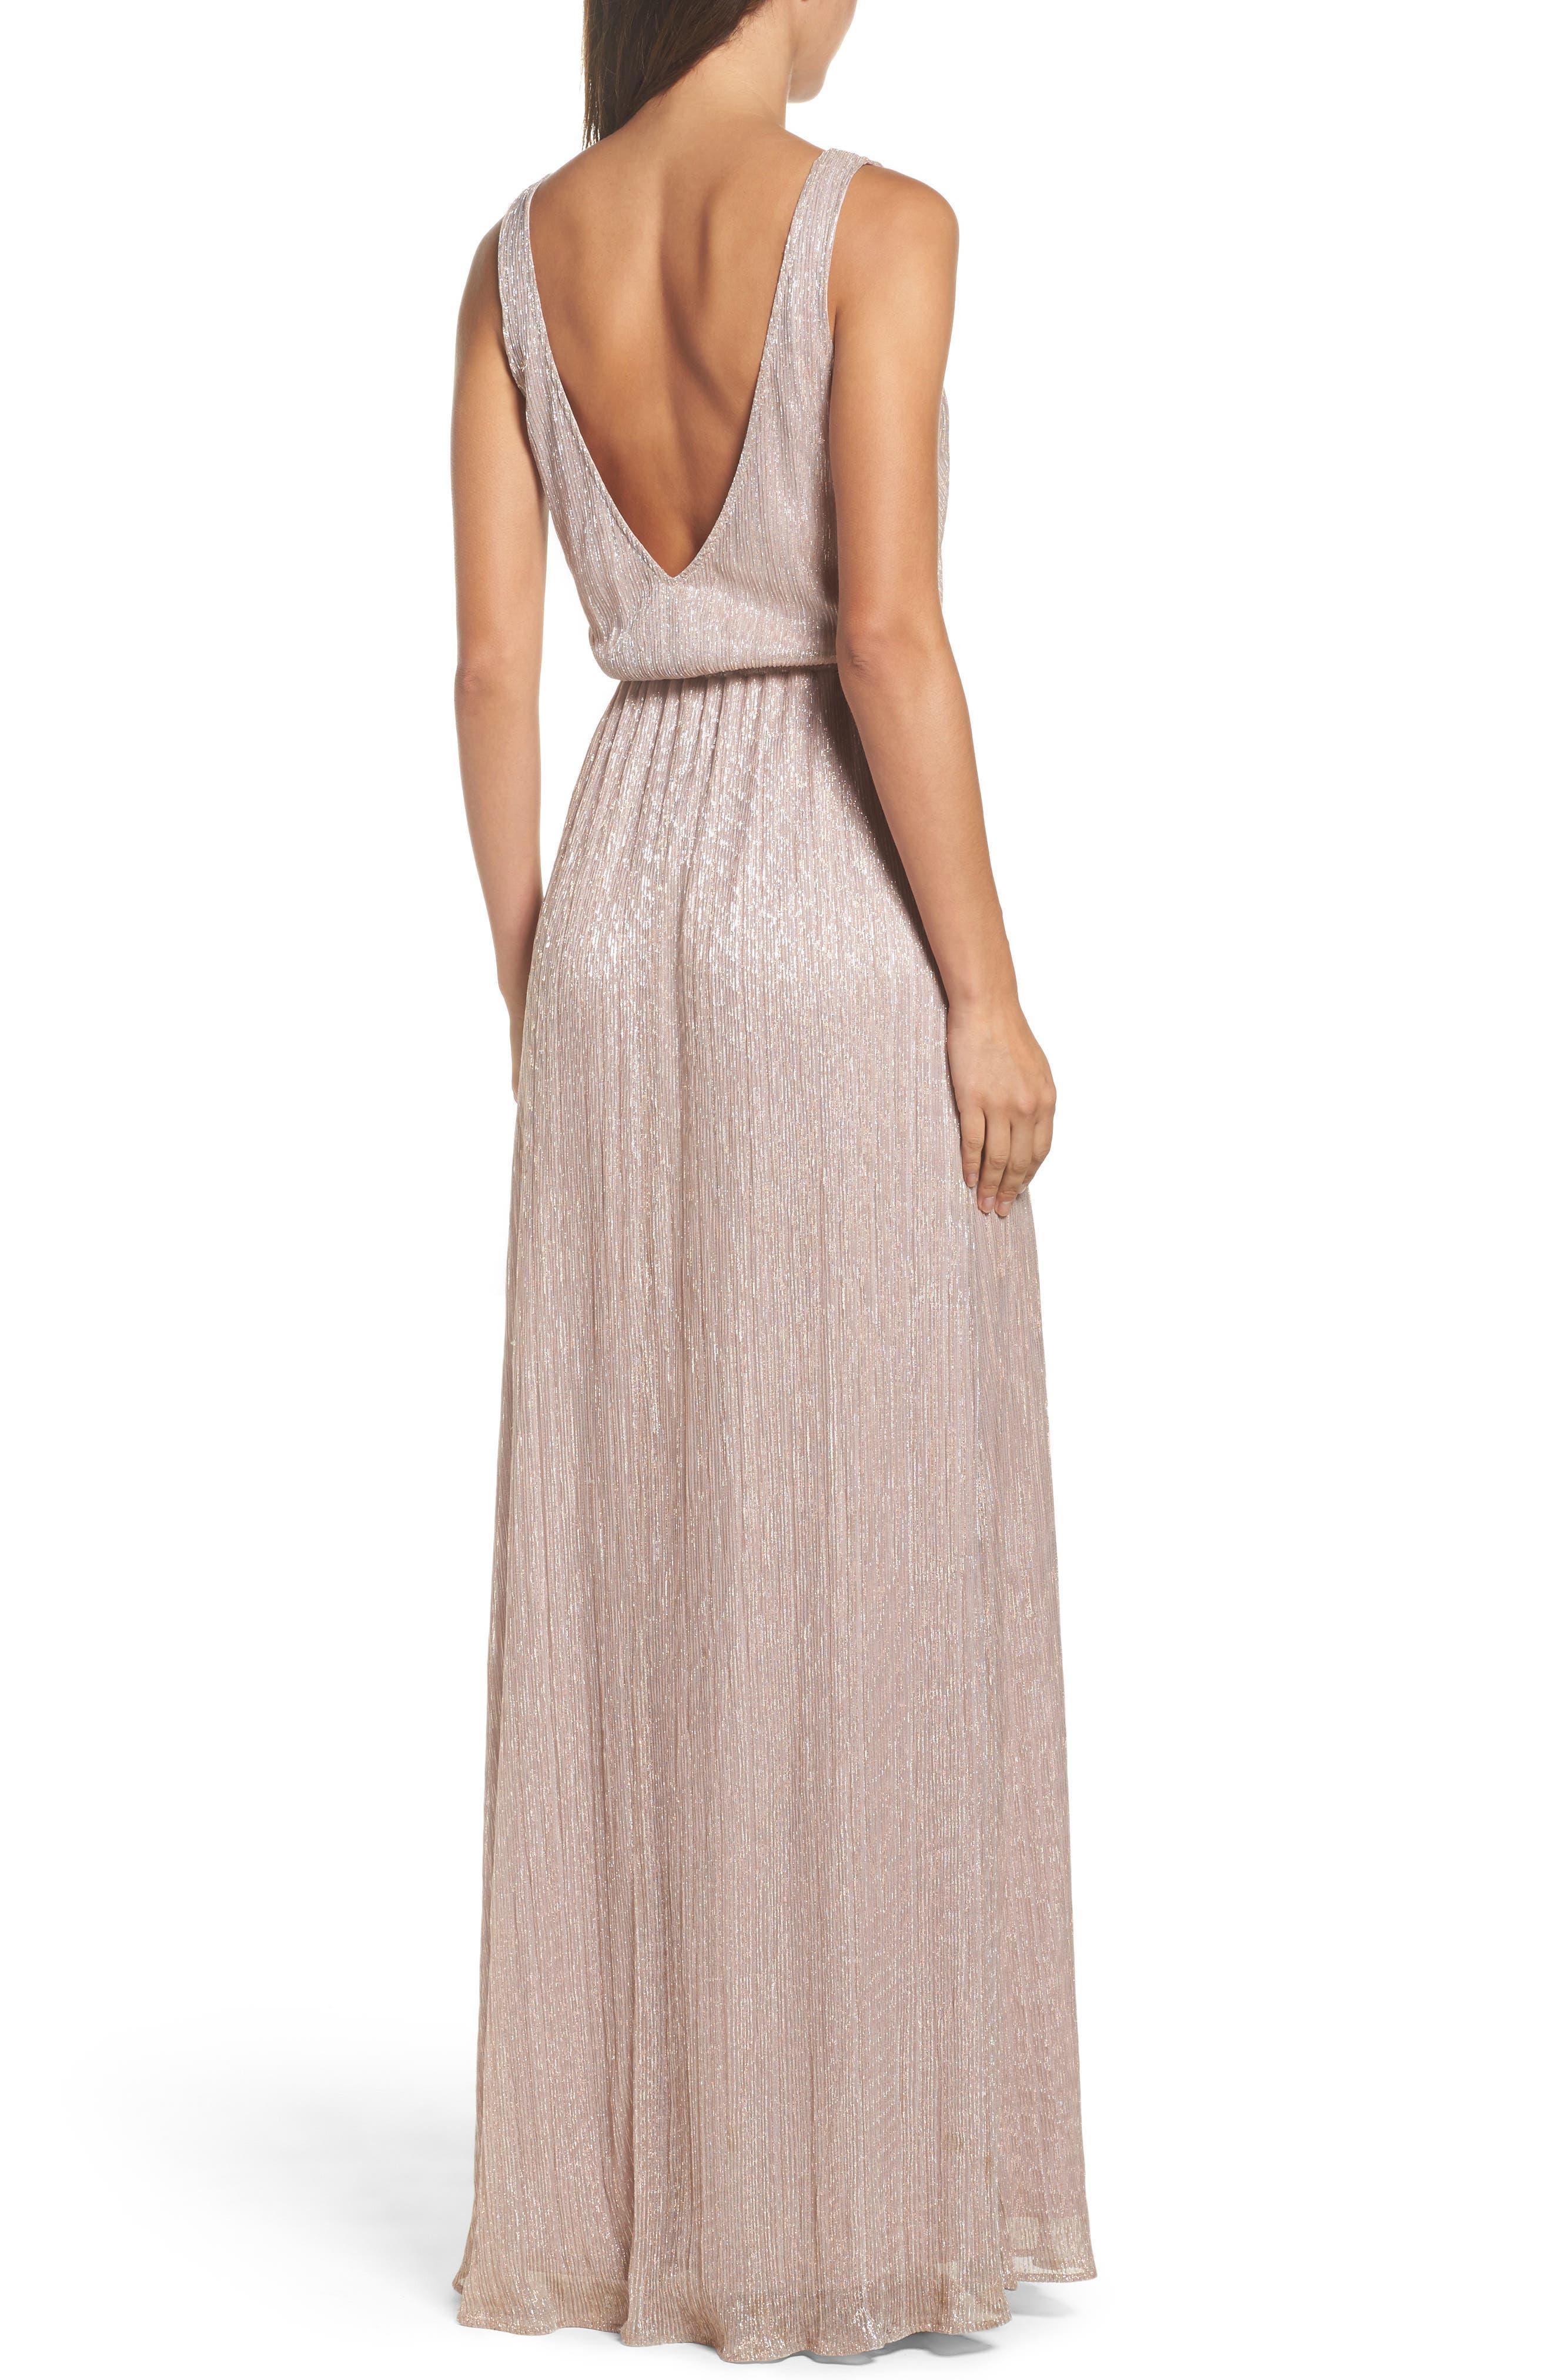 Kendall Blouson Maxi Dress,                             Alternate thumbnail 2, color,                             Magic Muave Glitter